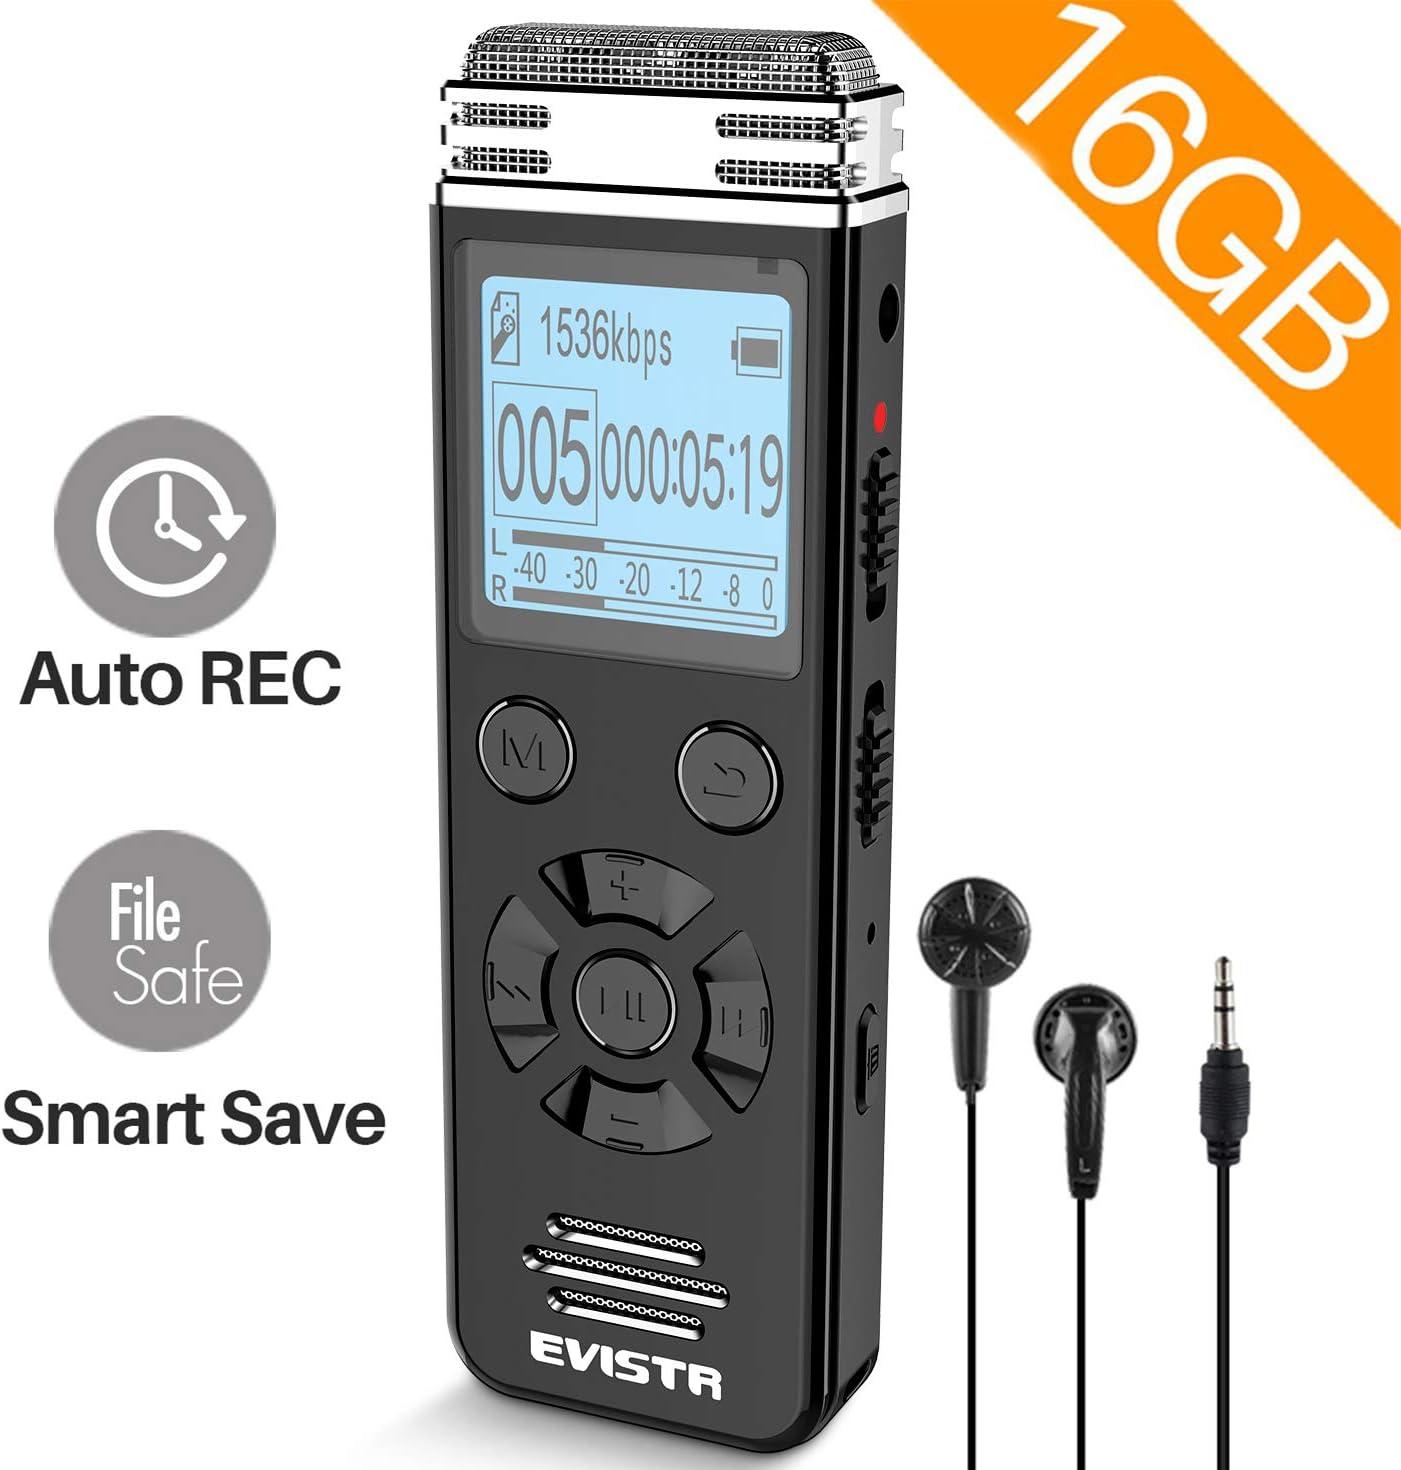 Evistr V508 16Gb Digital Voice Recorder